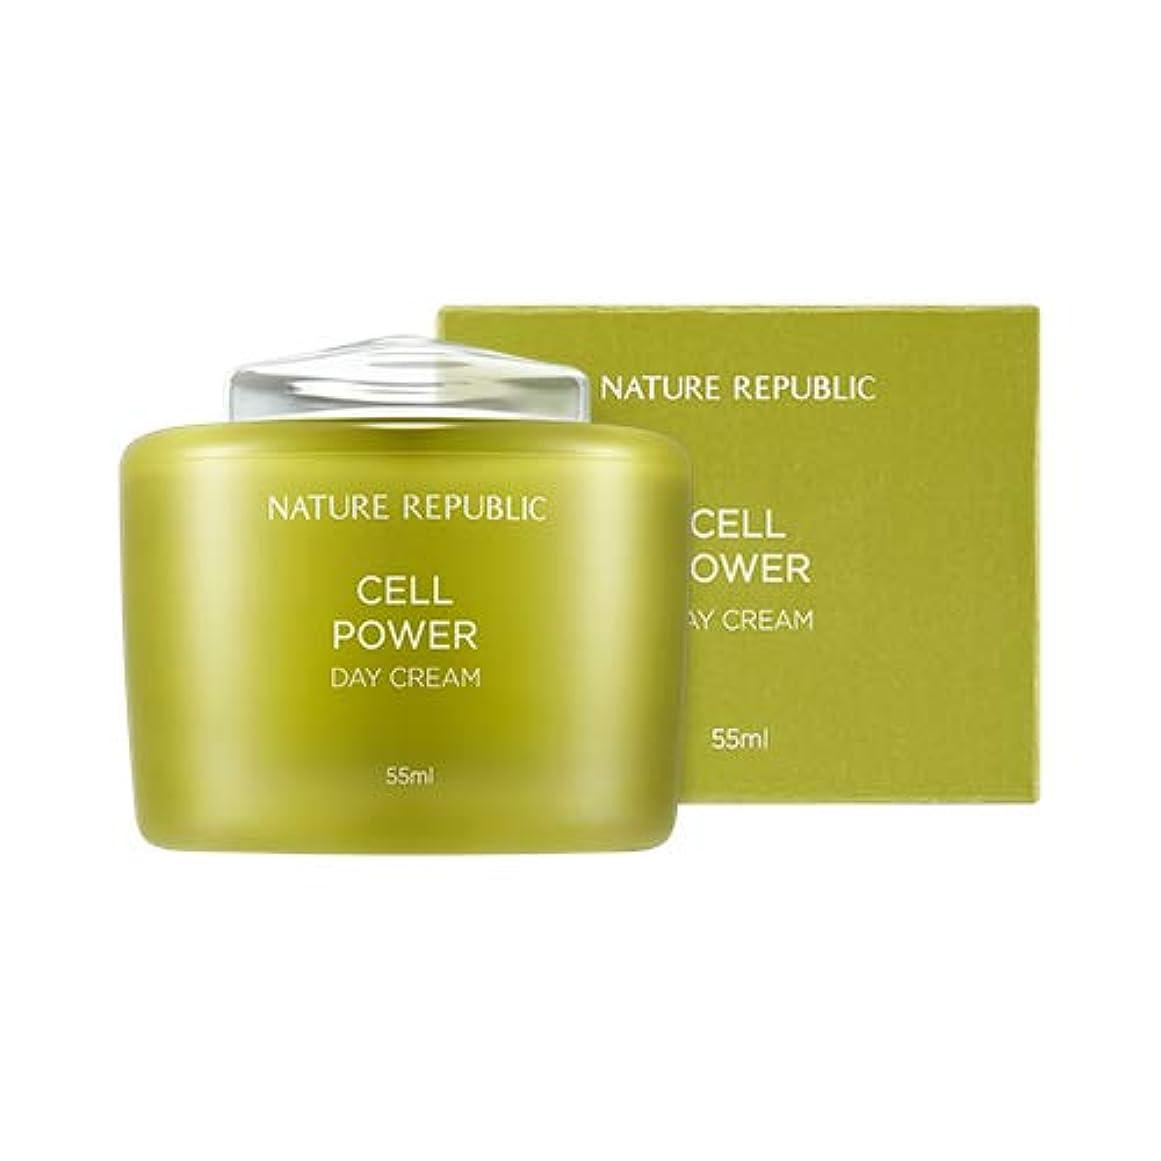 ハグ四回ローマ人NATURE REPUBLIC Cell Power Day Cream/ネイチャーリパブリック セルパワー デイクリーム 55ml [並行輸入品]